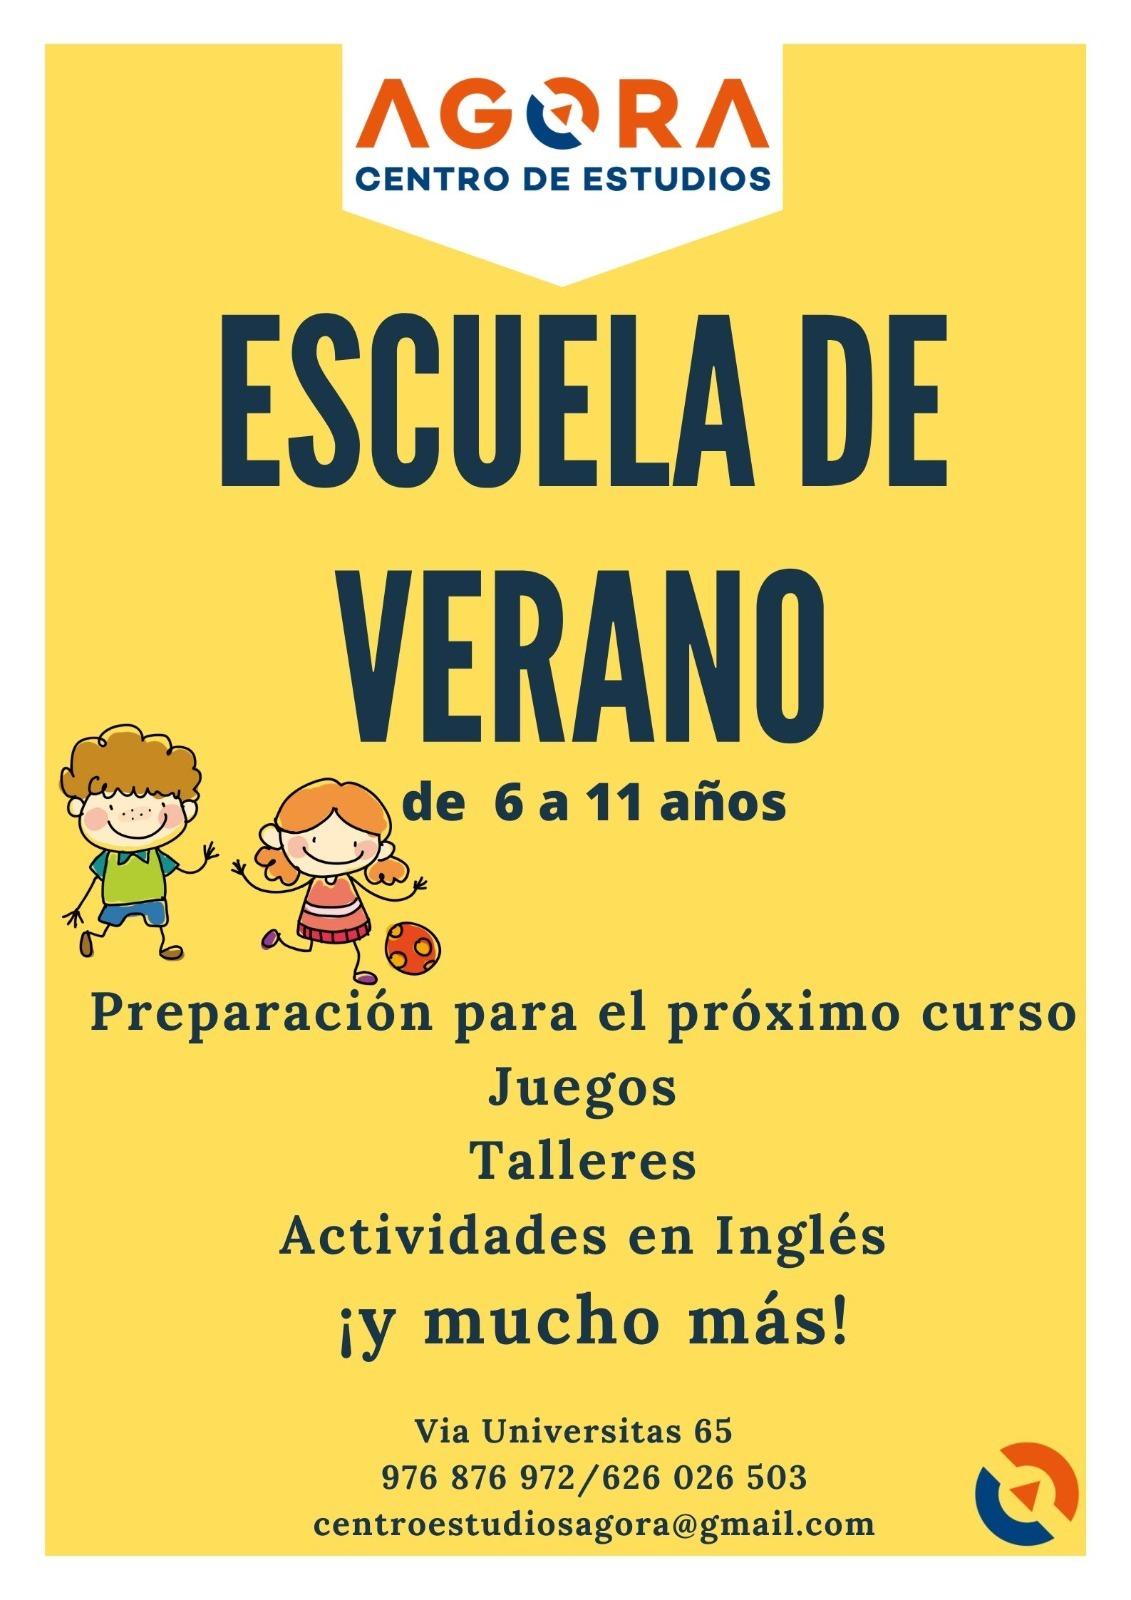 Escuela de Verano (de 6 a 11 años)